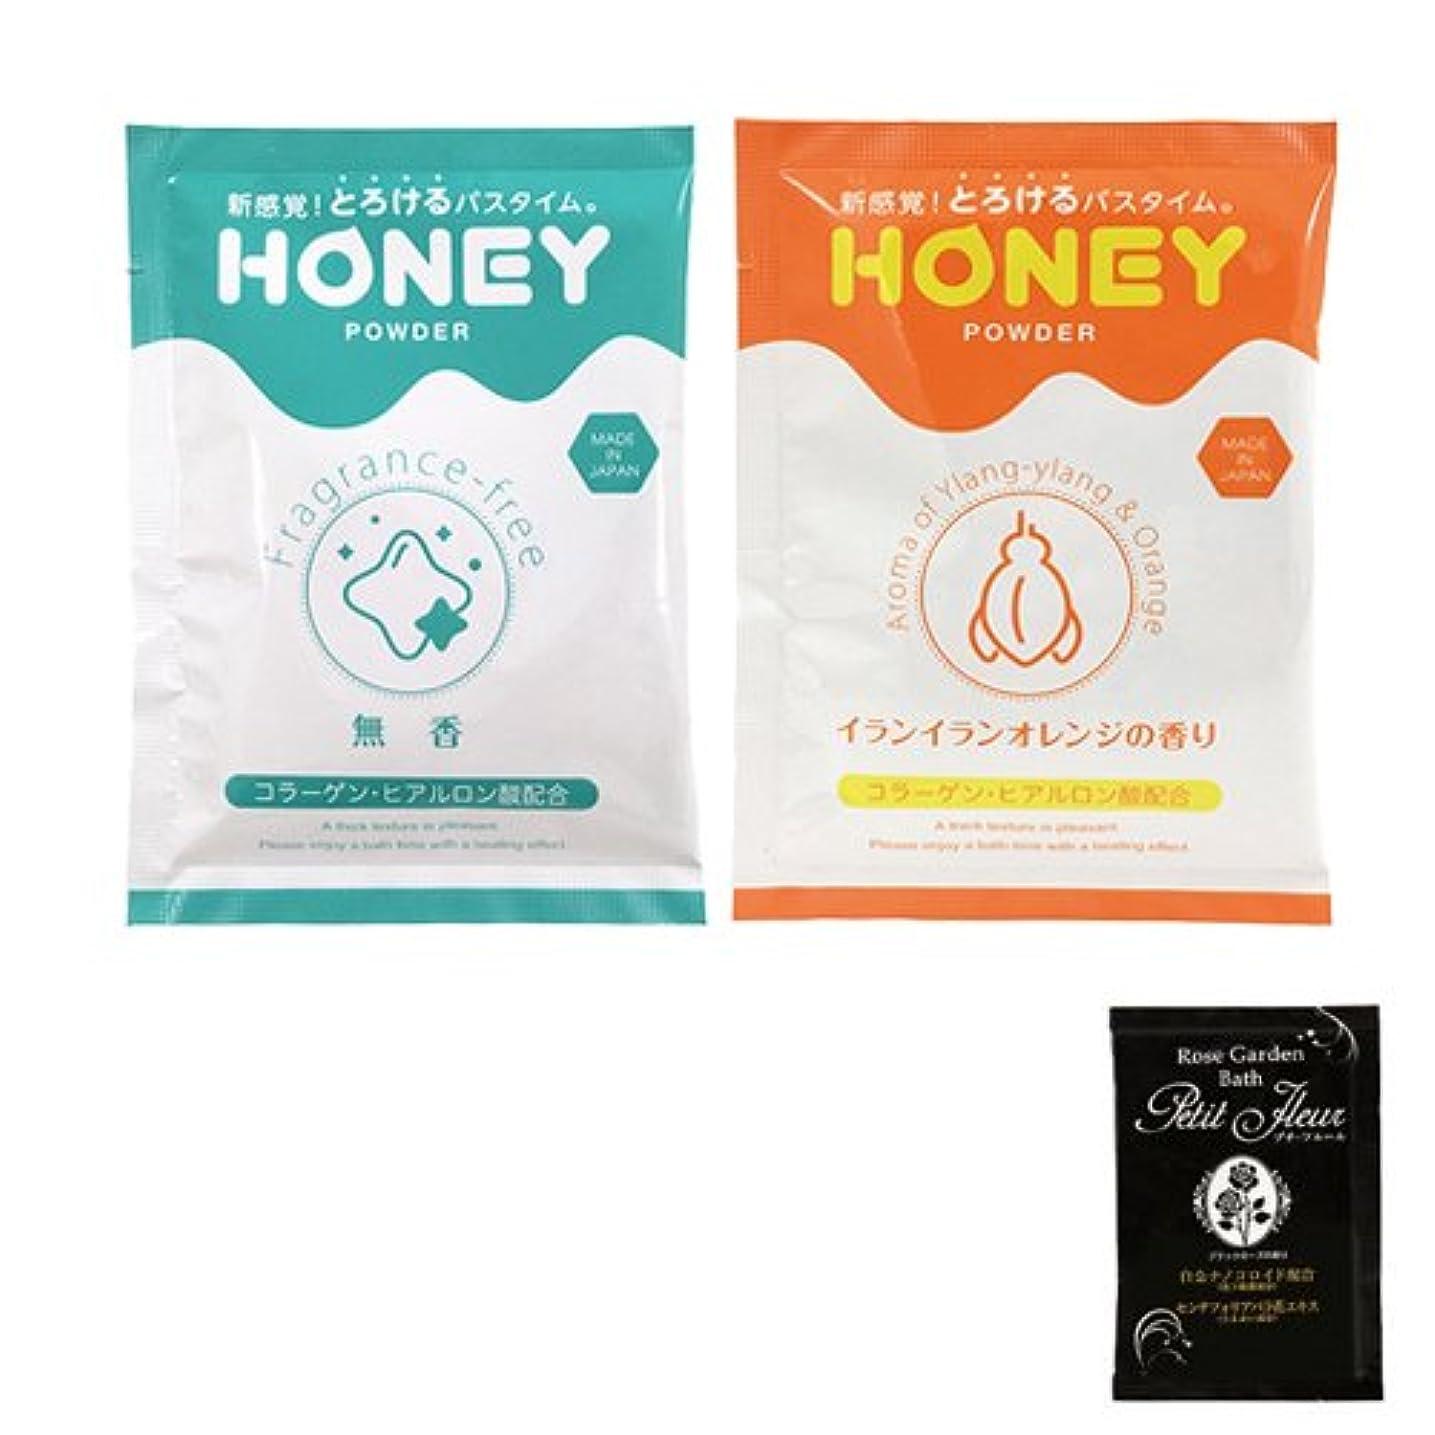 預言者全体彼女自身とろとろ入浴剤【honey powder】粉末タイプ イランイランオレンジの香り + 無香 + 入浴剤(プチフルール)1回分